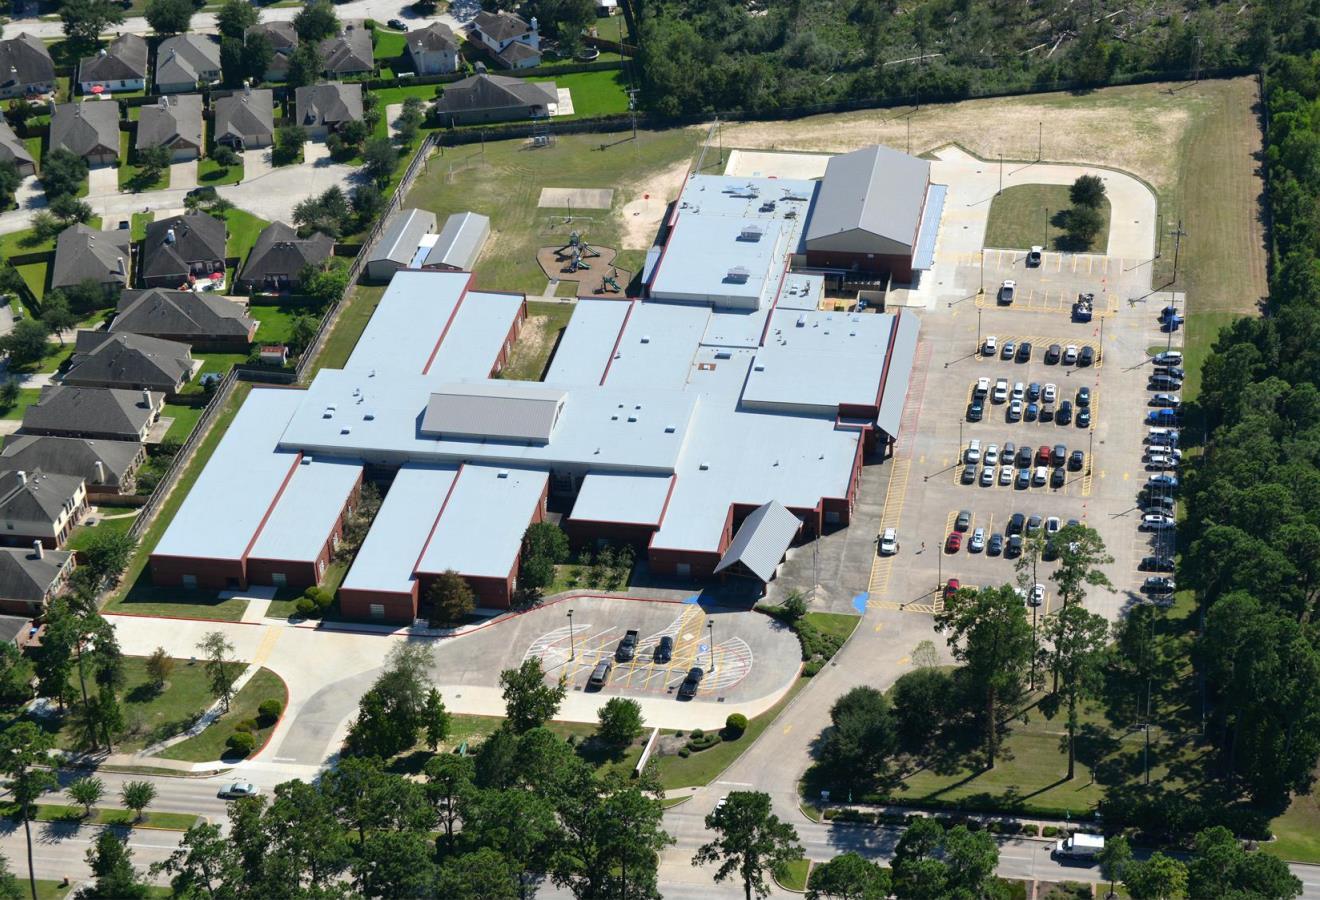 Kings Manor Elementary School